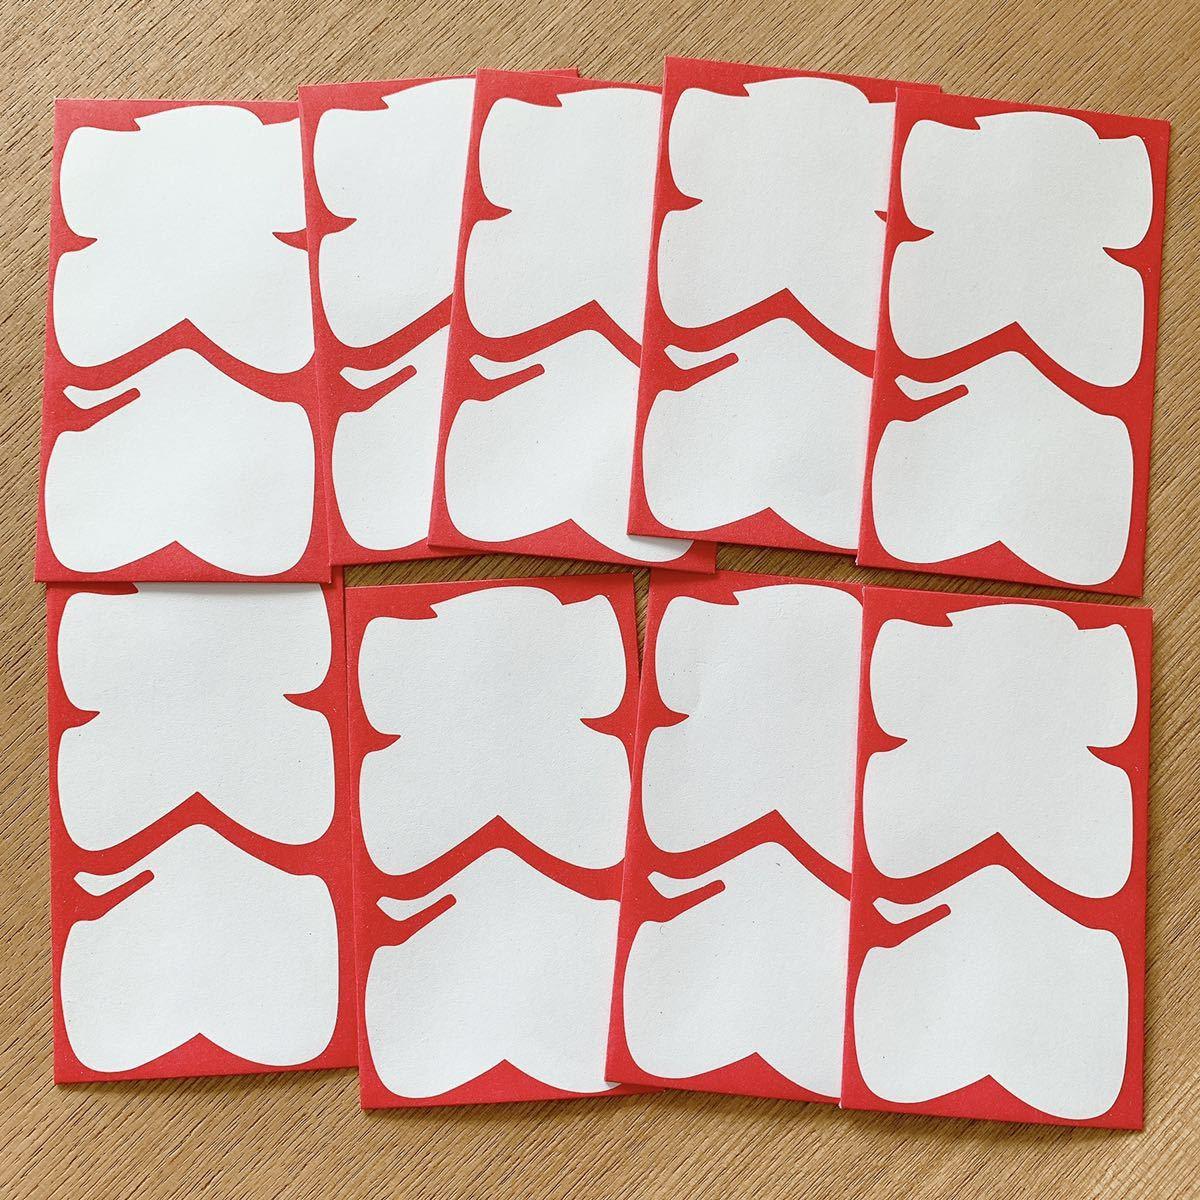 ポチ袋 9枚セット 紅白 お年玉 正月 祝儀袋 お年玉袋 ◯即決 ◯送料無料_画像1